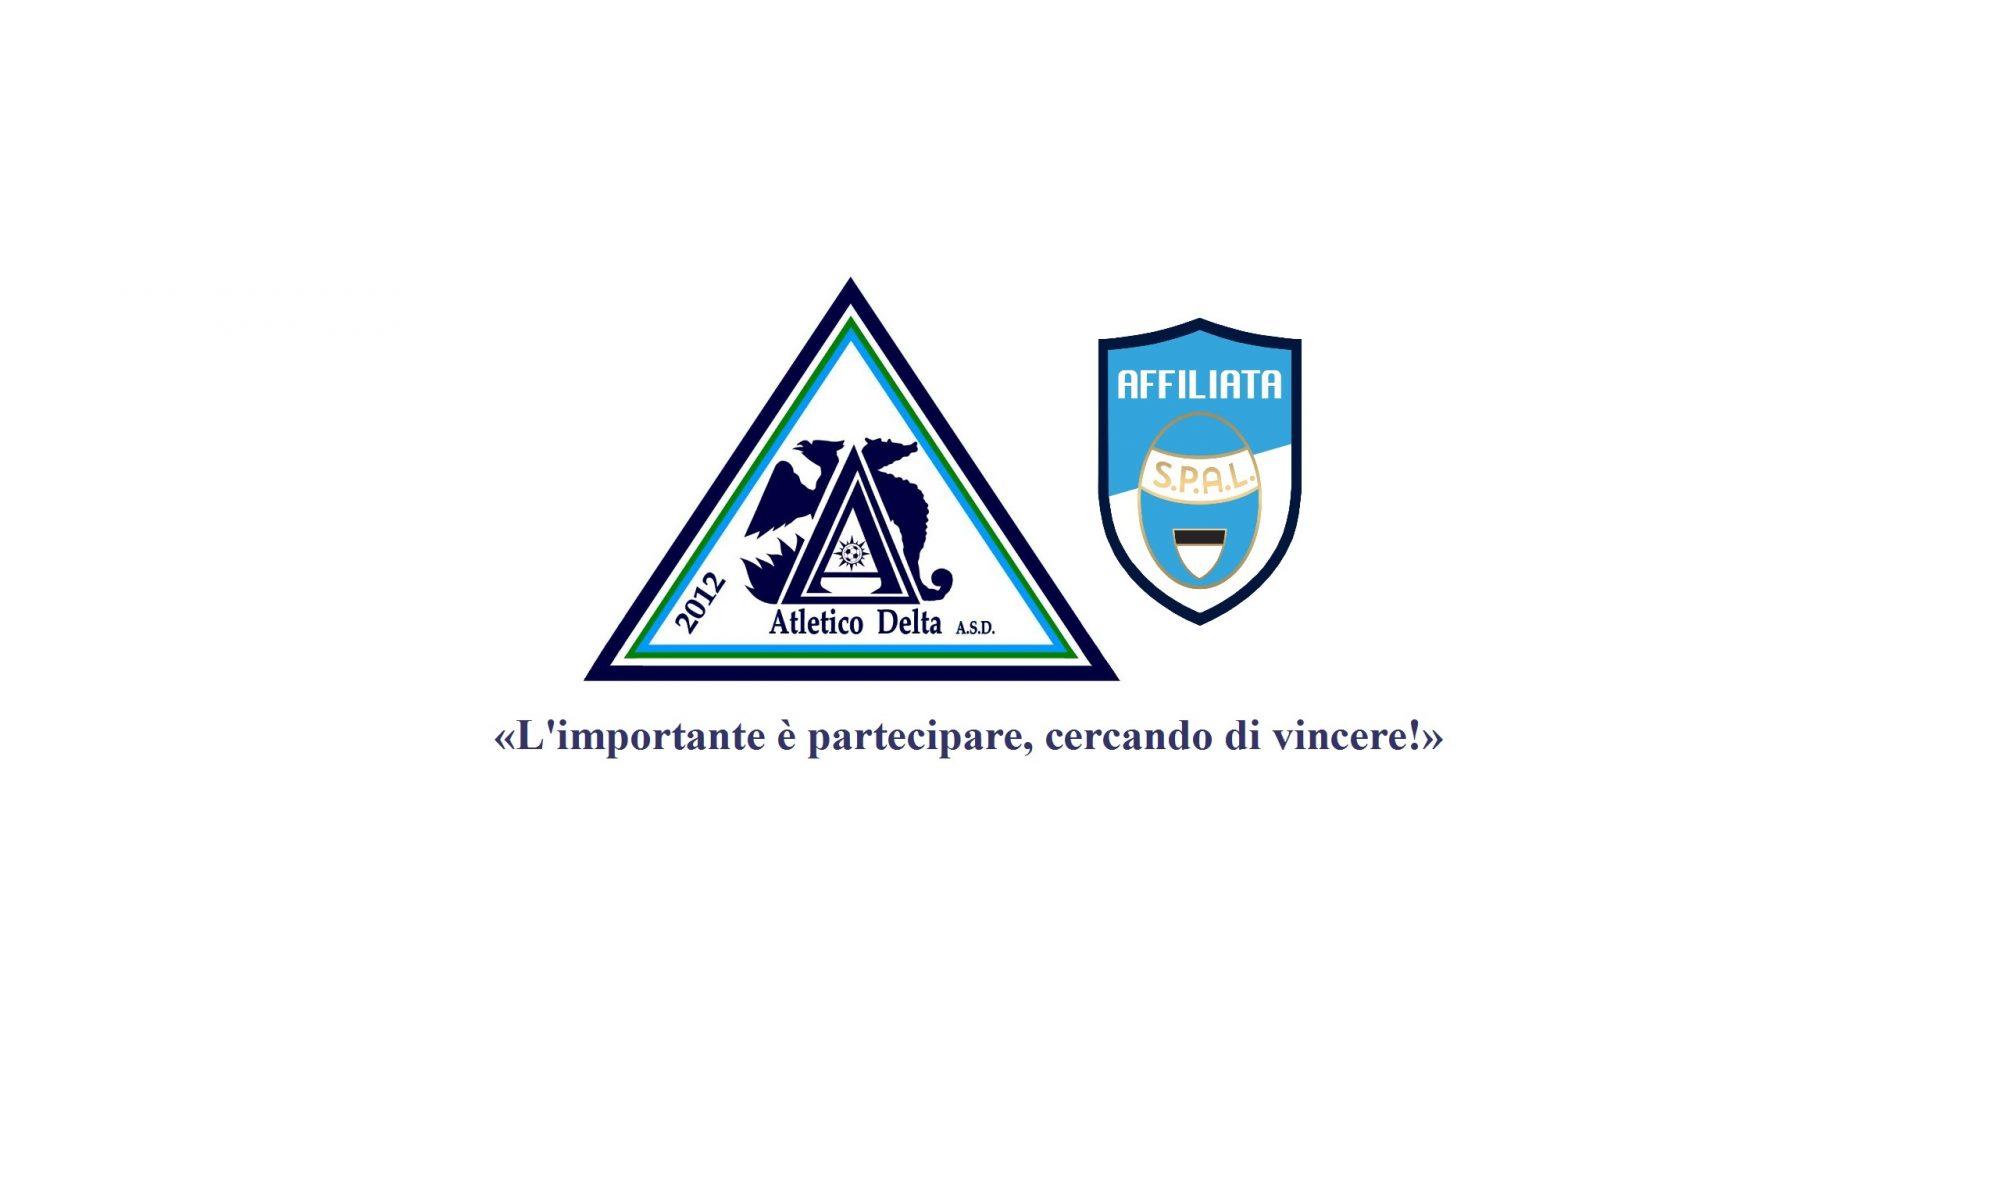 Atletico Delta